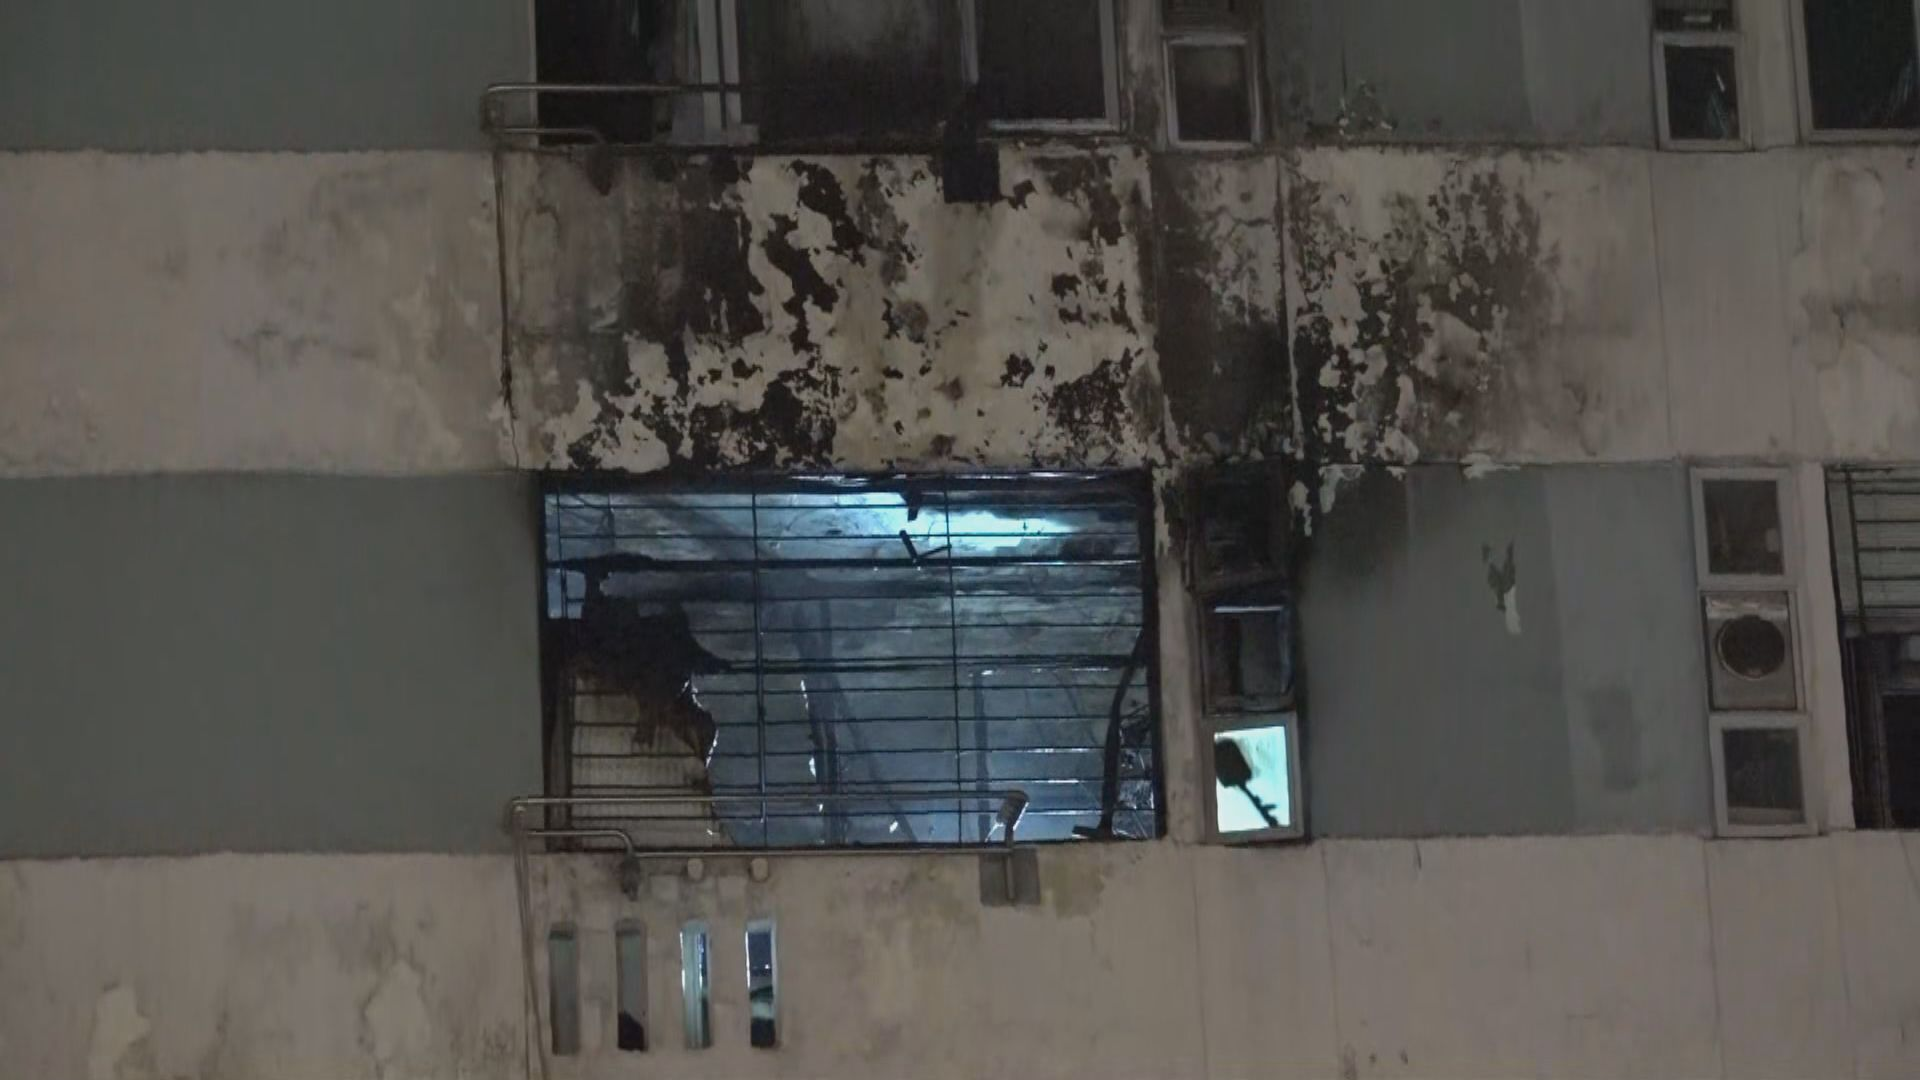 瀝源邨火警一男一狗死亡 消防指起火有可疑找到助燃劑